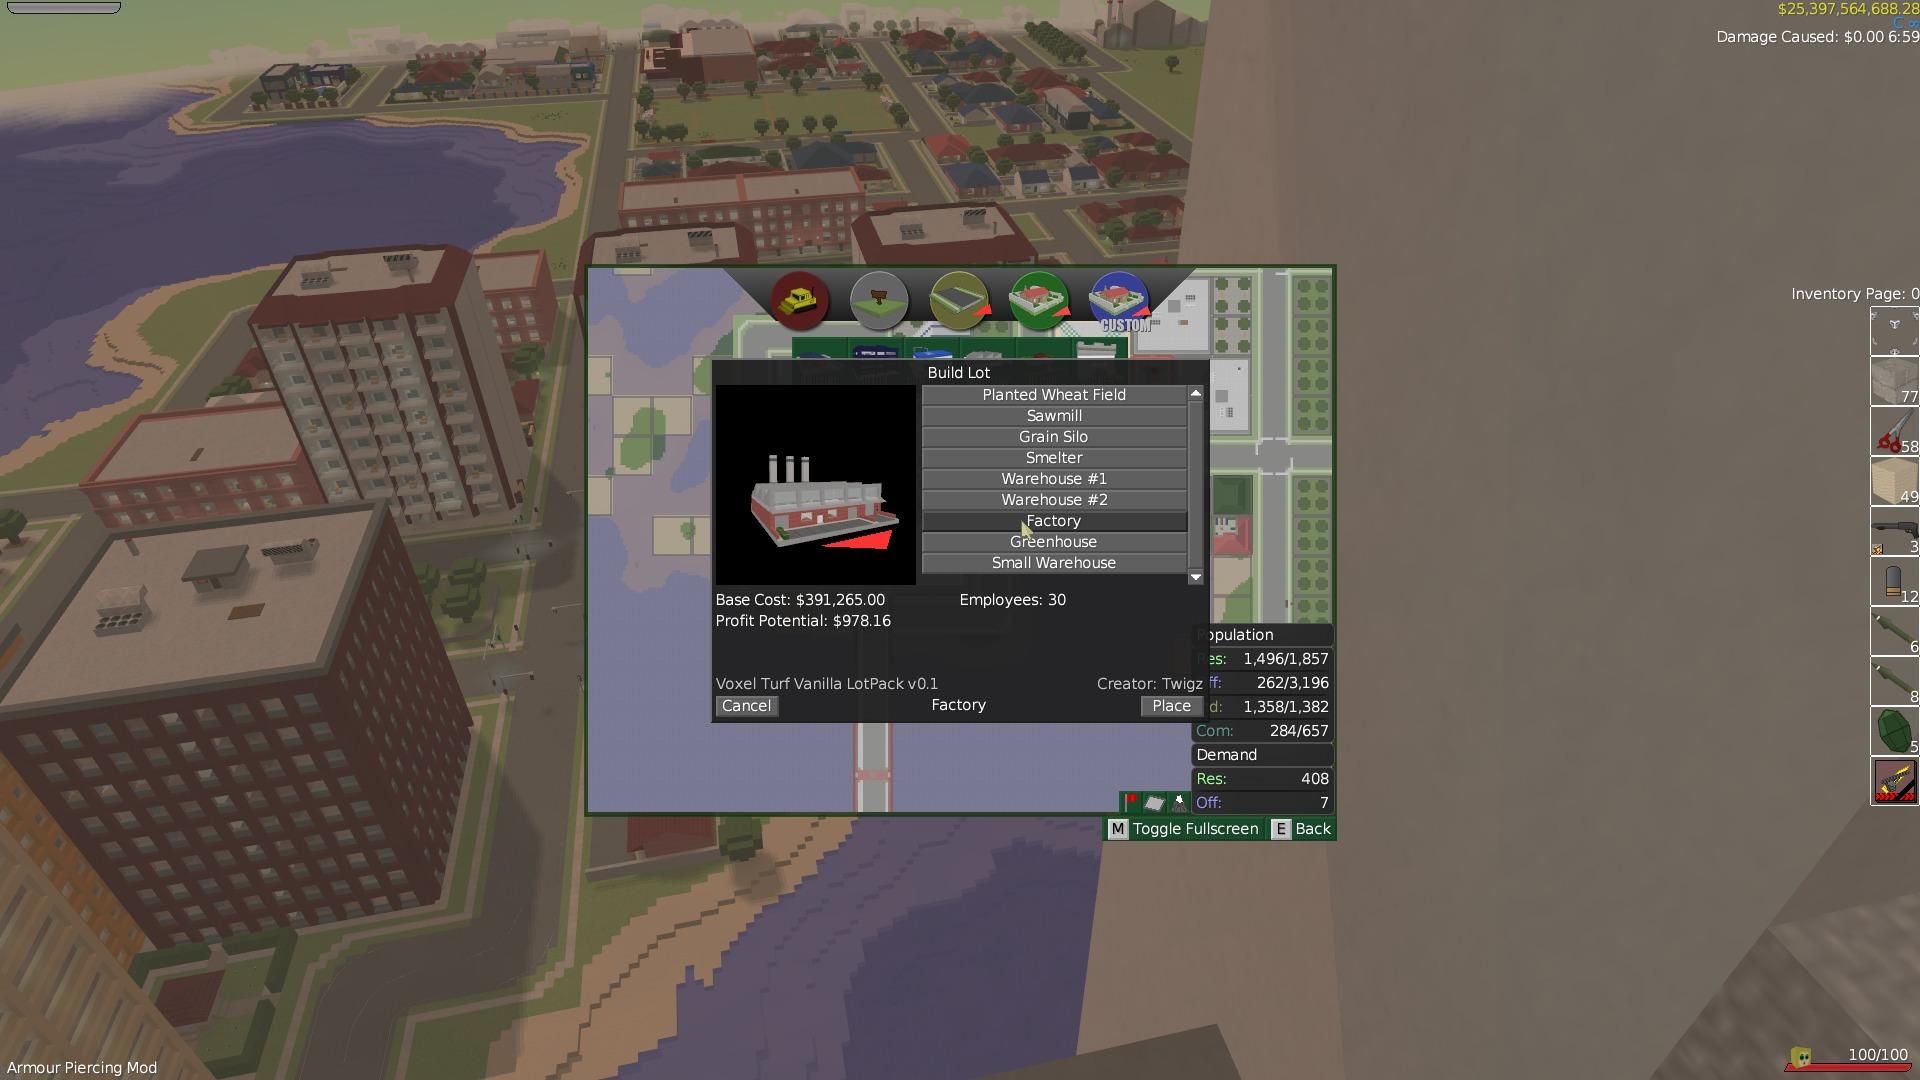 screenshot-1460032259432.jpg